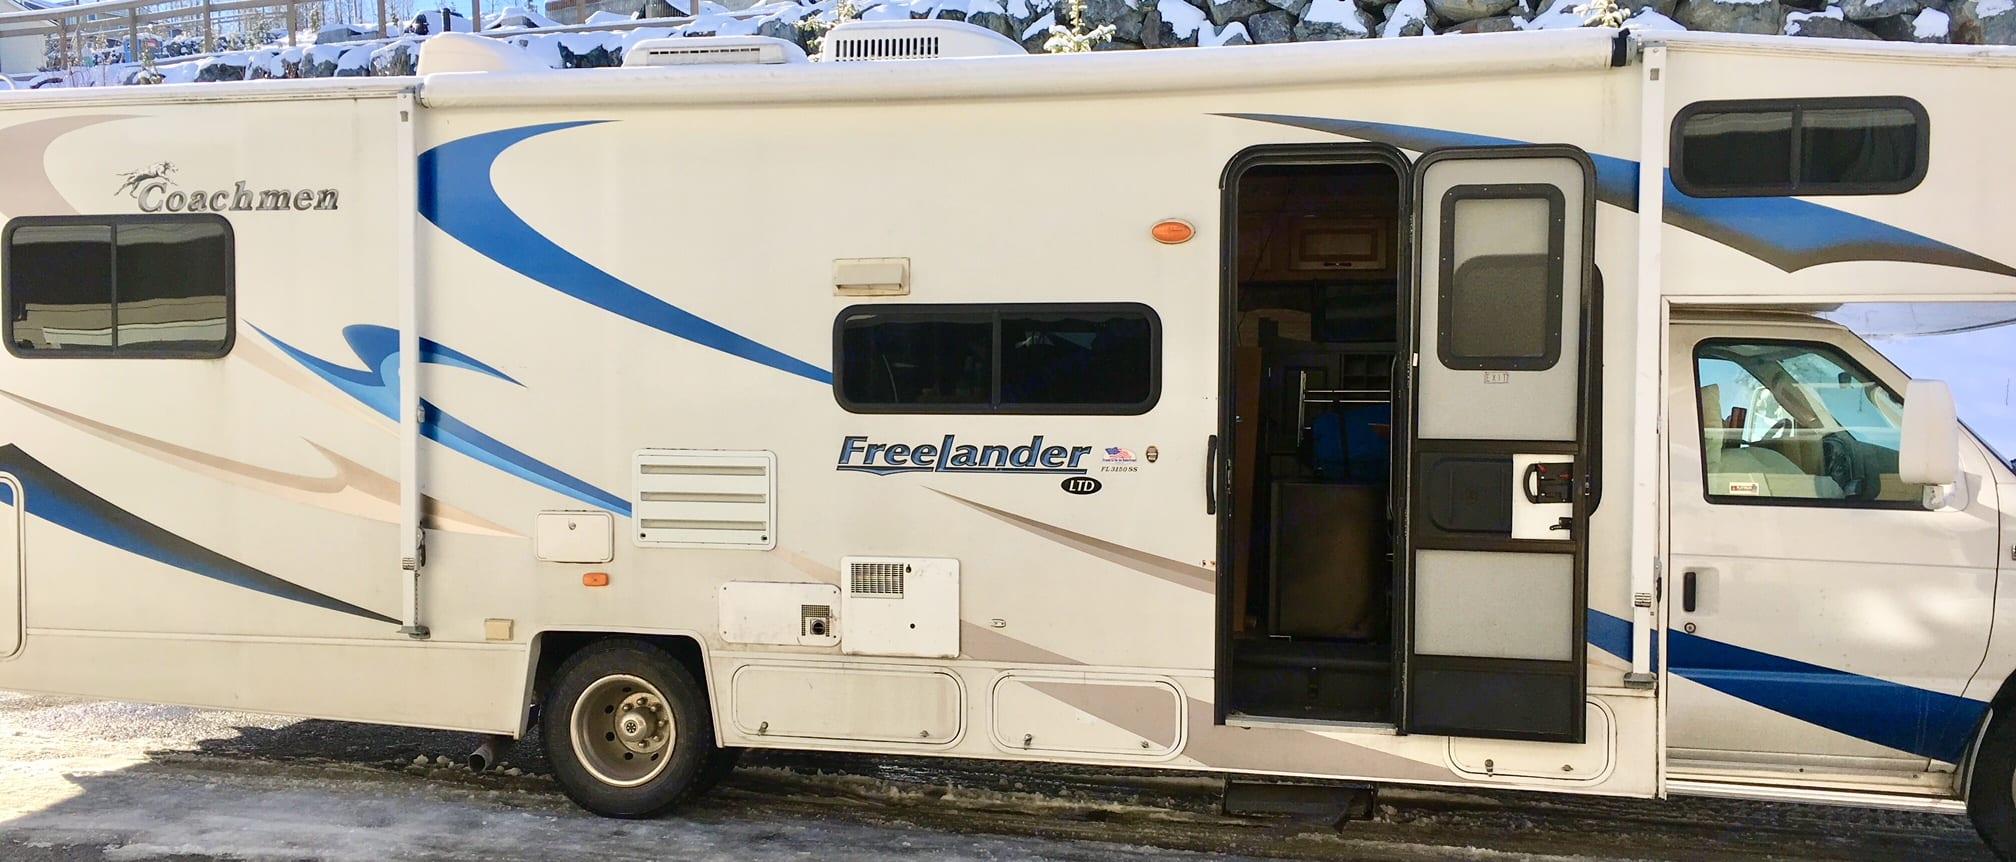 Coachmen Freelander 2007